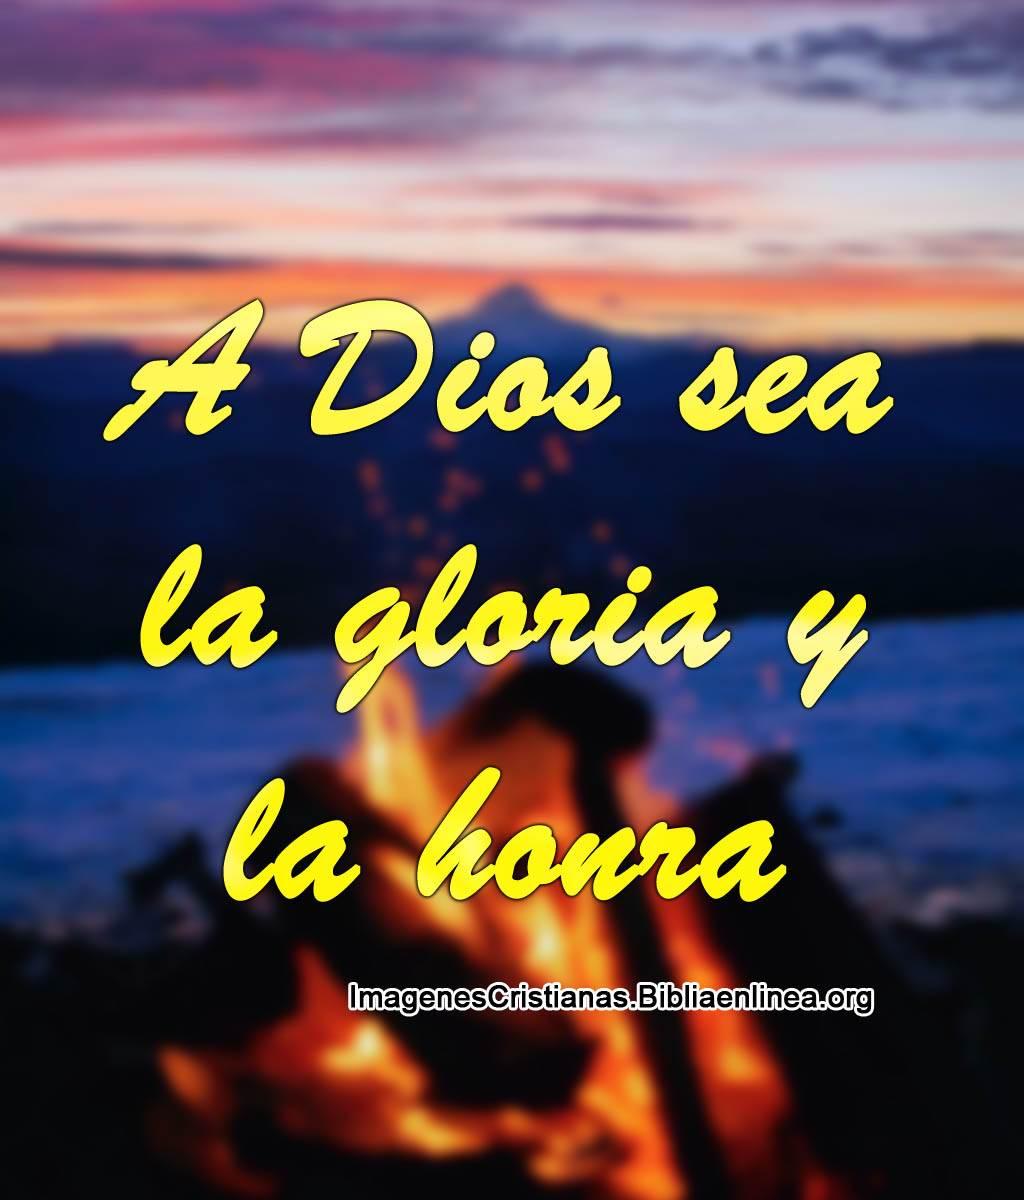 Imágenes Cristianas A Dios Sea La Gloria Y La Honra